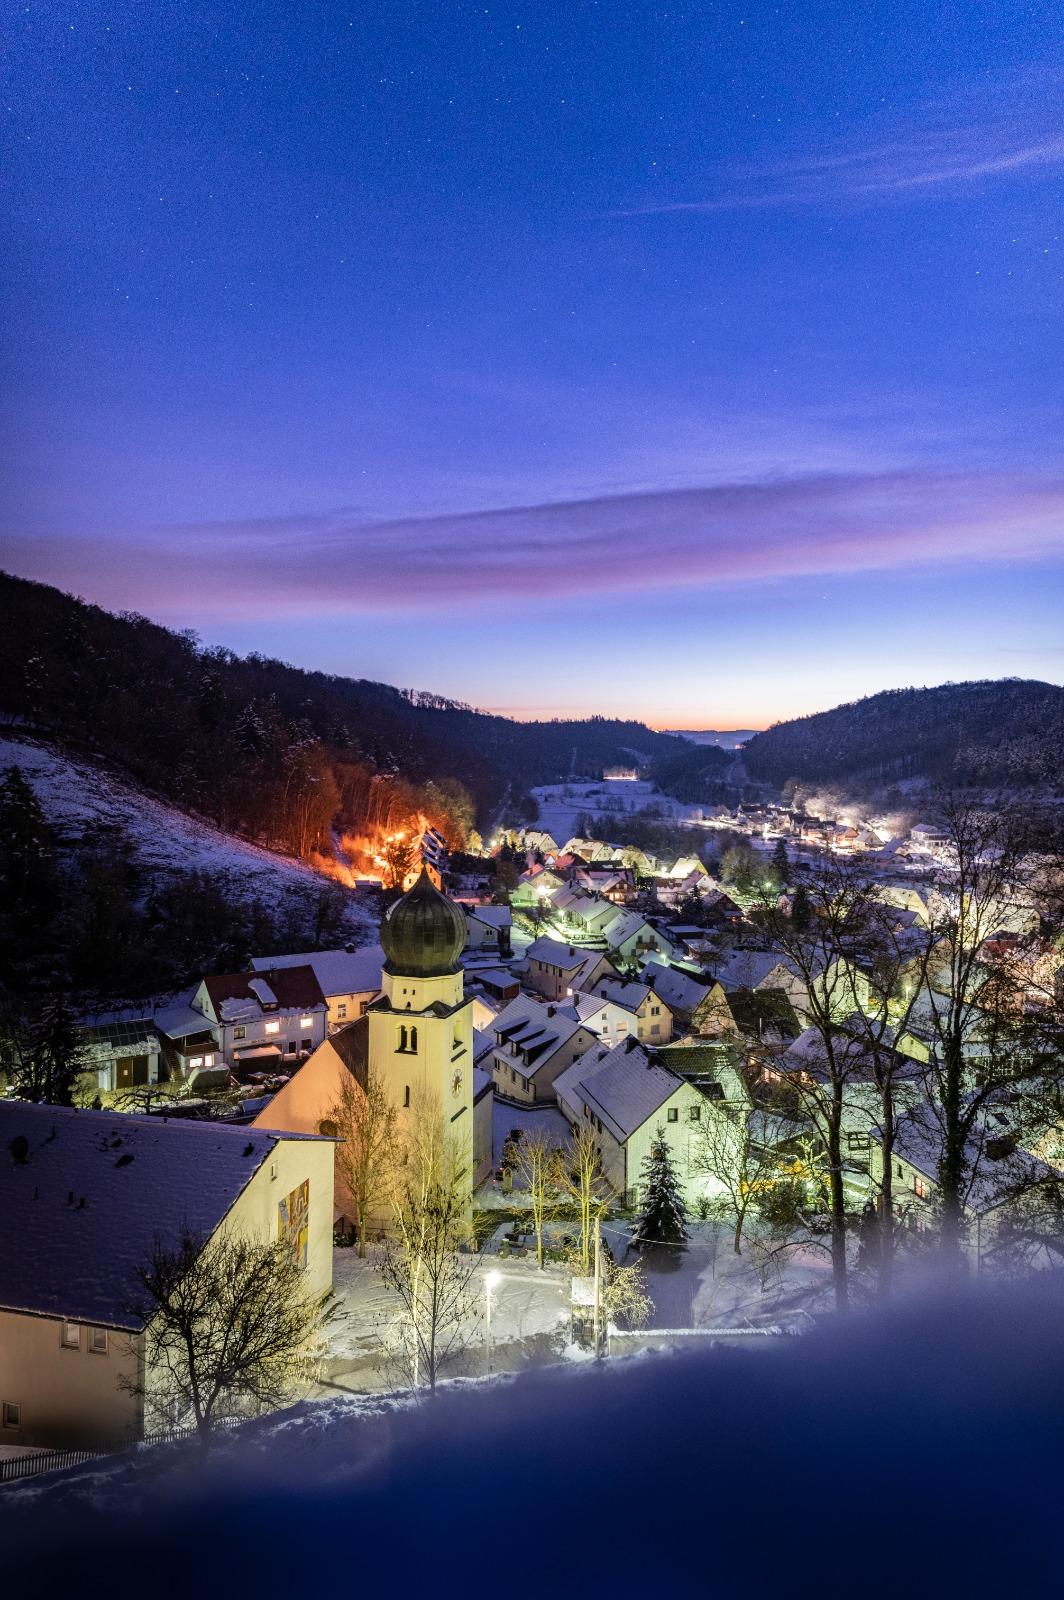 Winter in Möhren Treuchtlingen